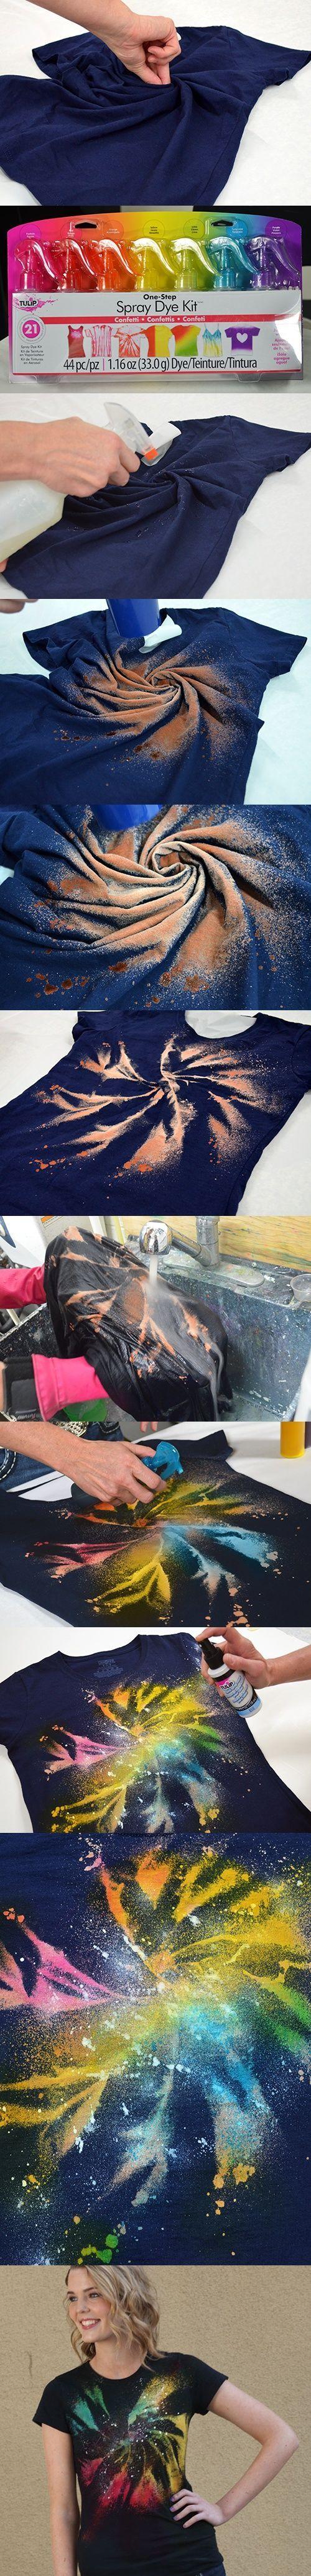 Camiseta DIY con galaxia - ilovetocreateblog.blogspot.com - DIY Galaxy Twist Bleach Tie Dye Shirt